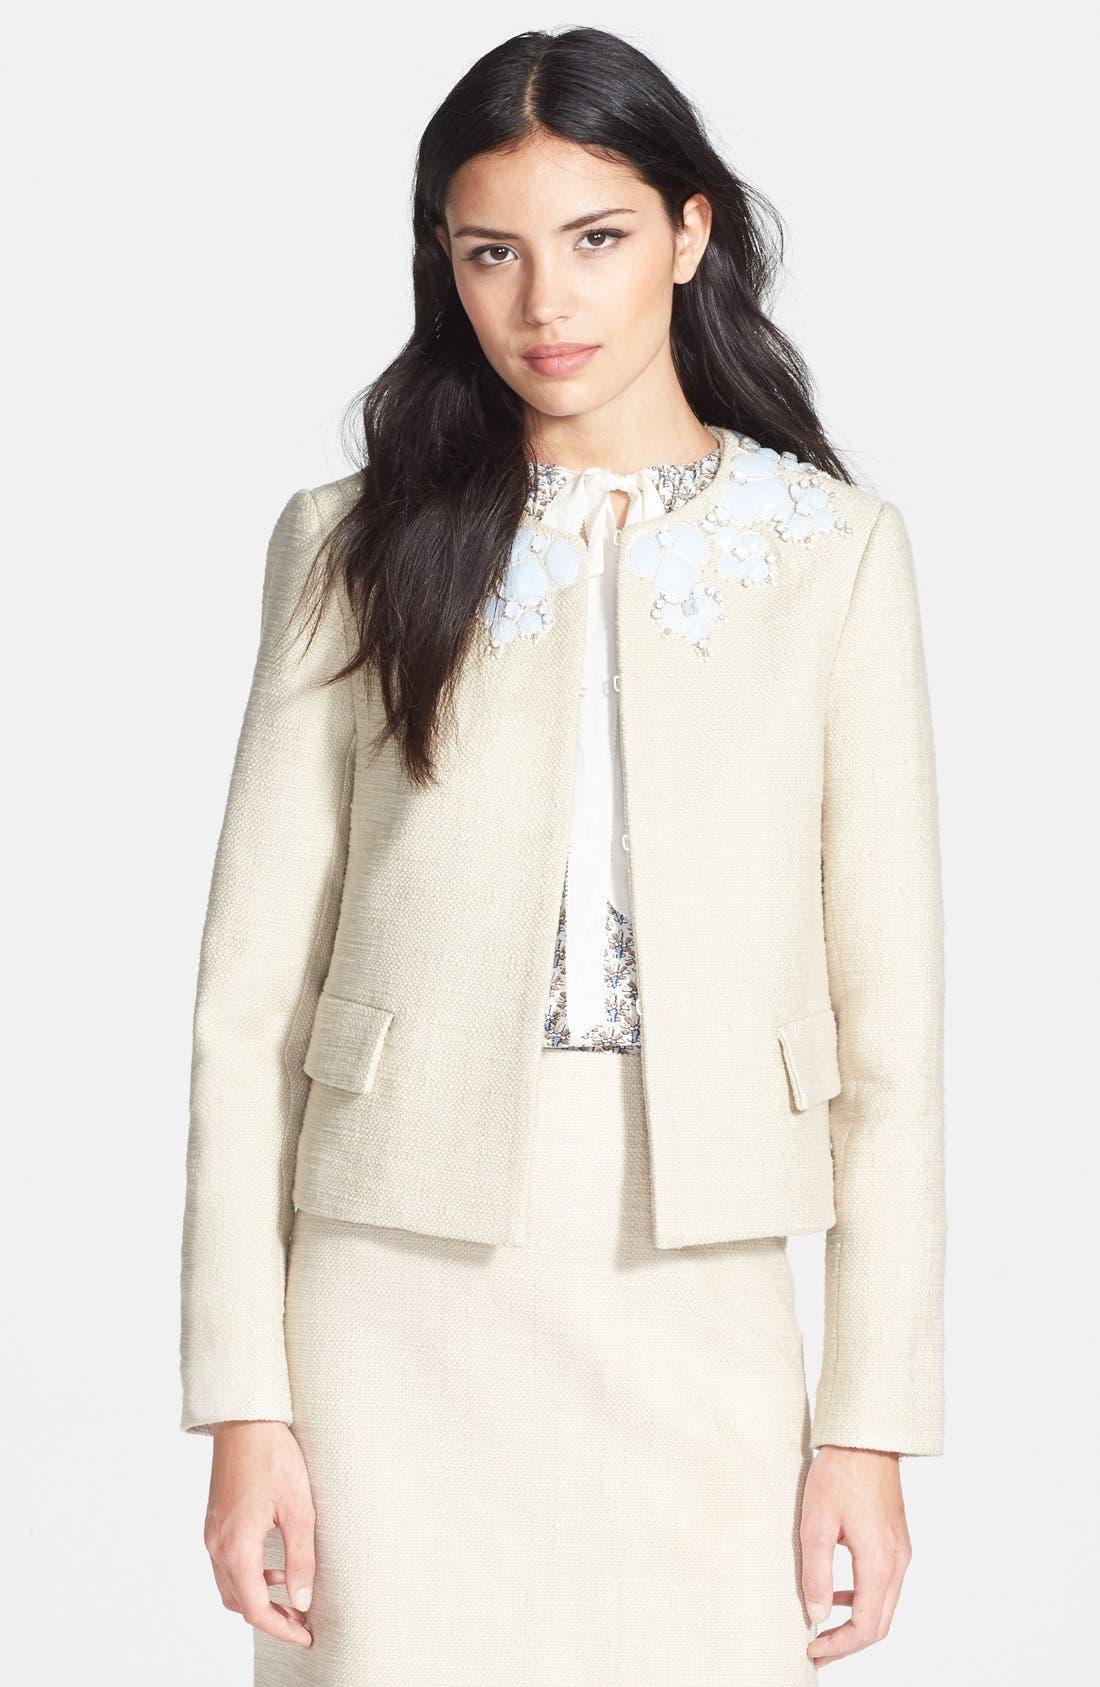 TORY BURCH 'Elisa' Embellished Crop Jacket, Main, color, 250